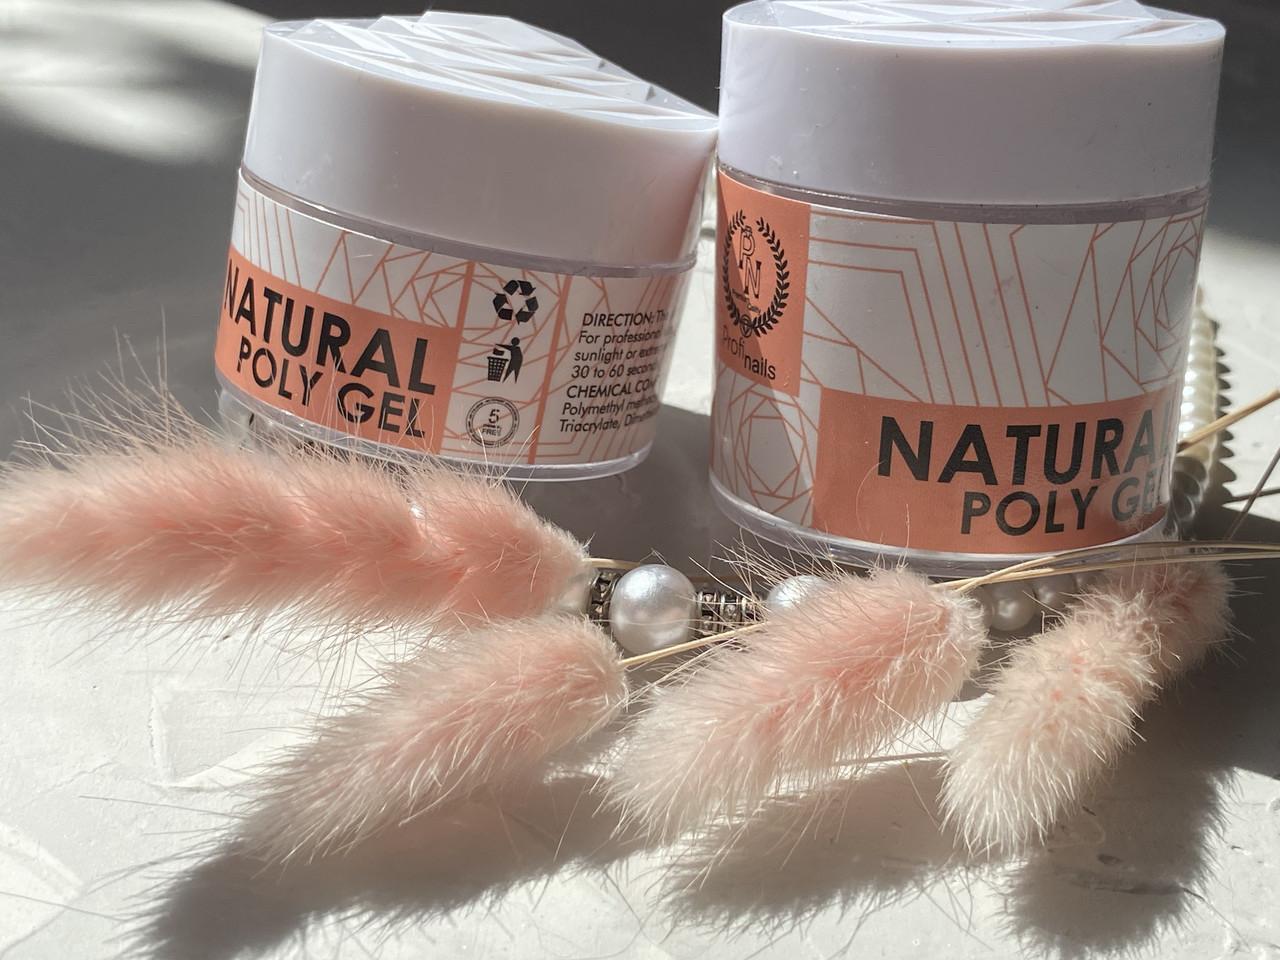 Полигель Poly gel natural by Profi nails (полигель   камуфляж натурал)30 ml